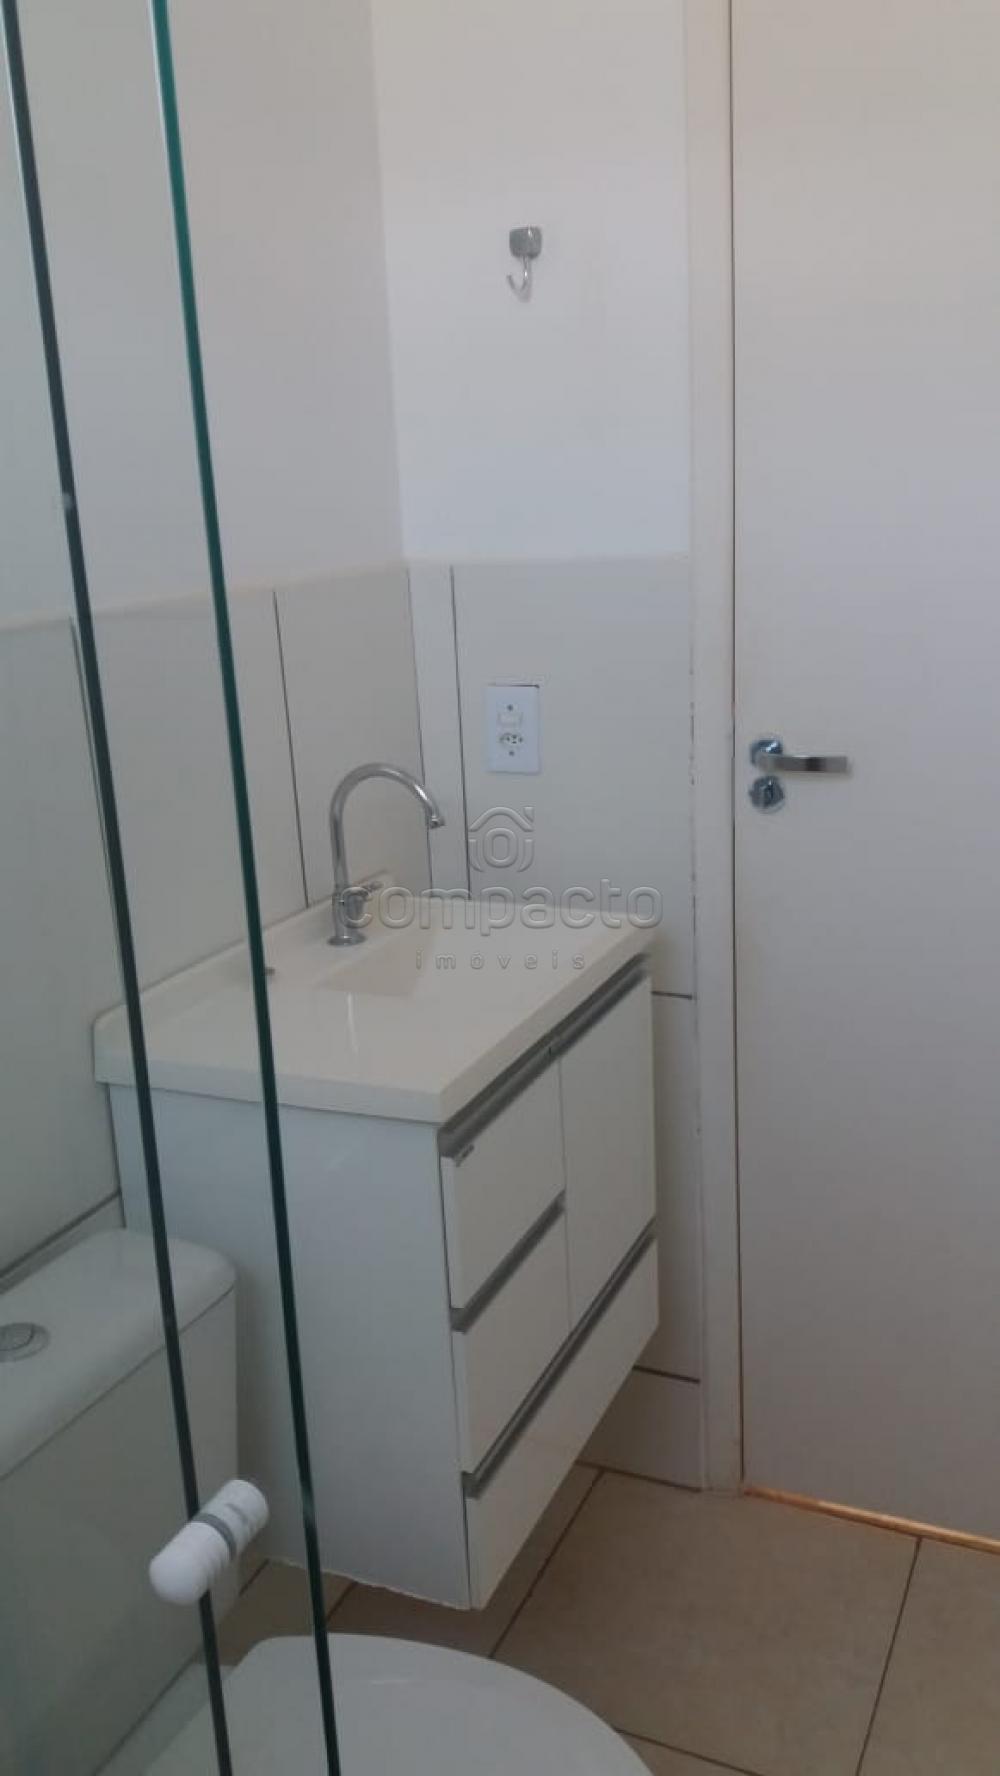 Alugar Apartamento / Padrão em São José do Rio Preto apenas R$ 720,00 - Foto 13